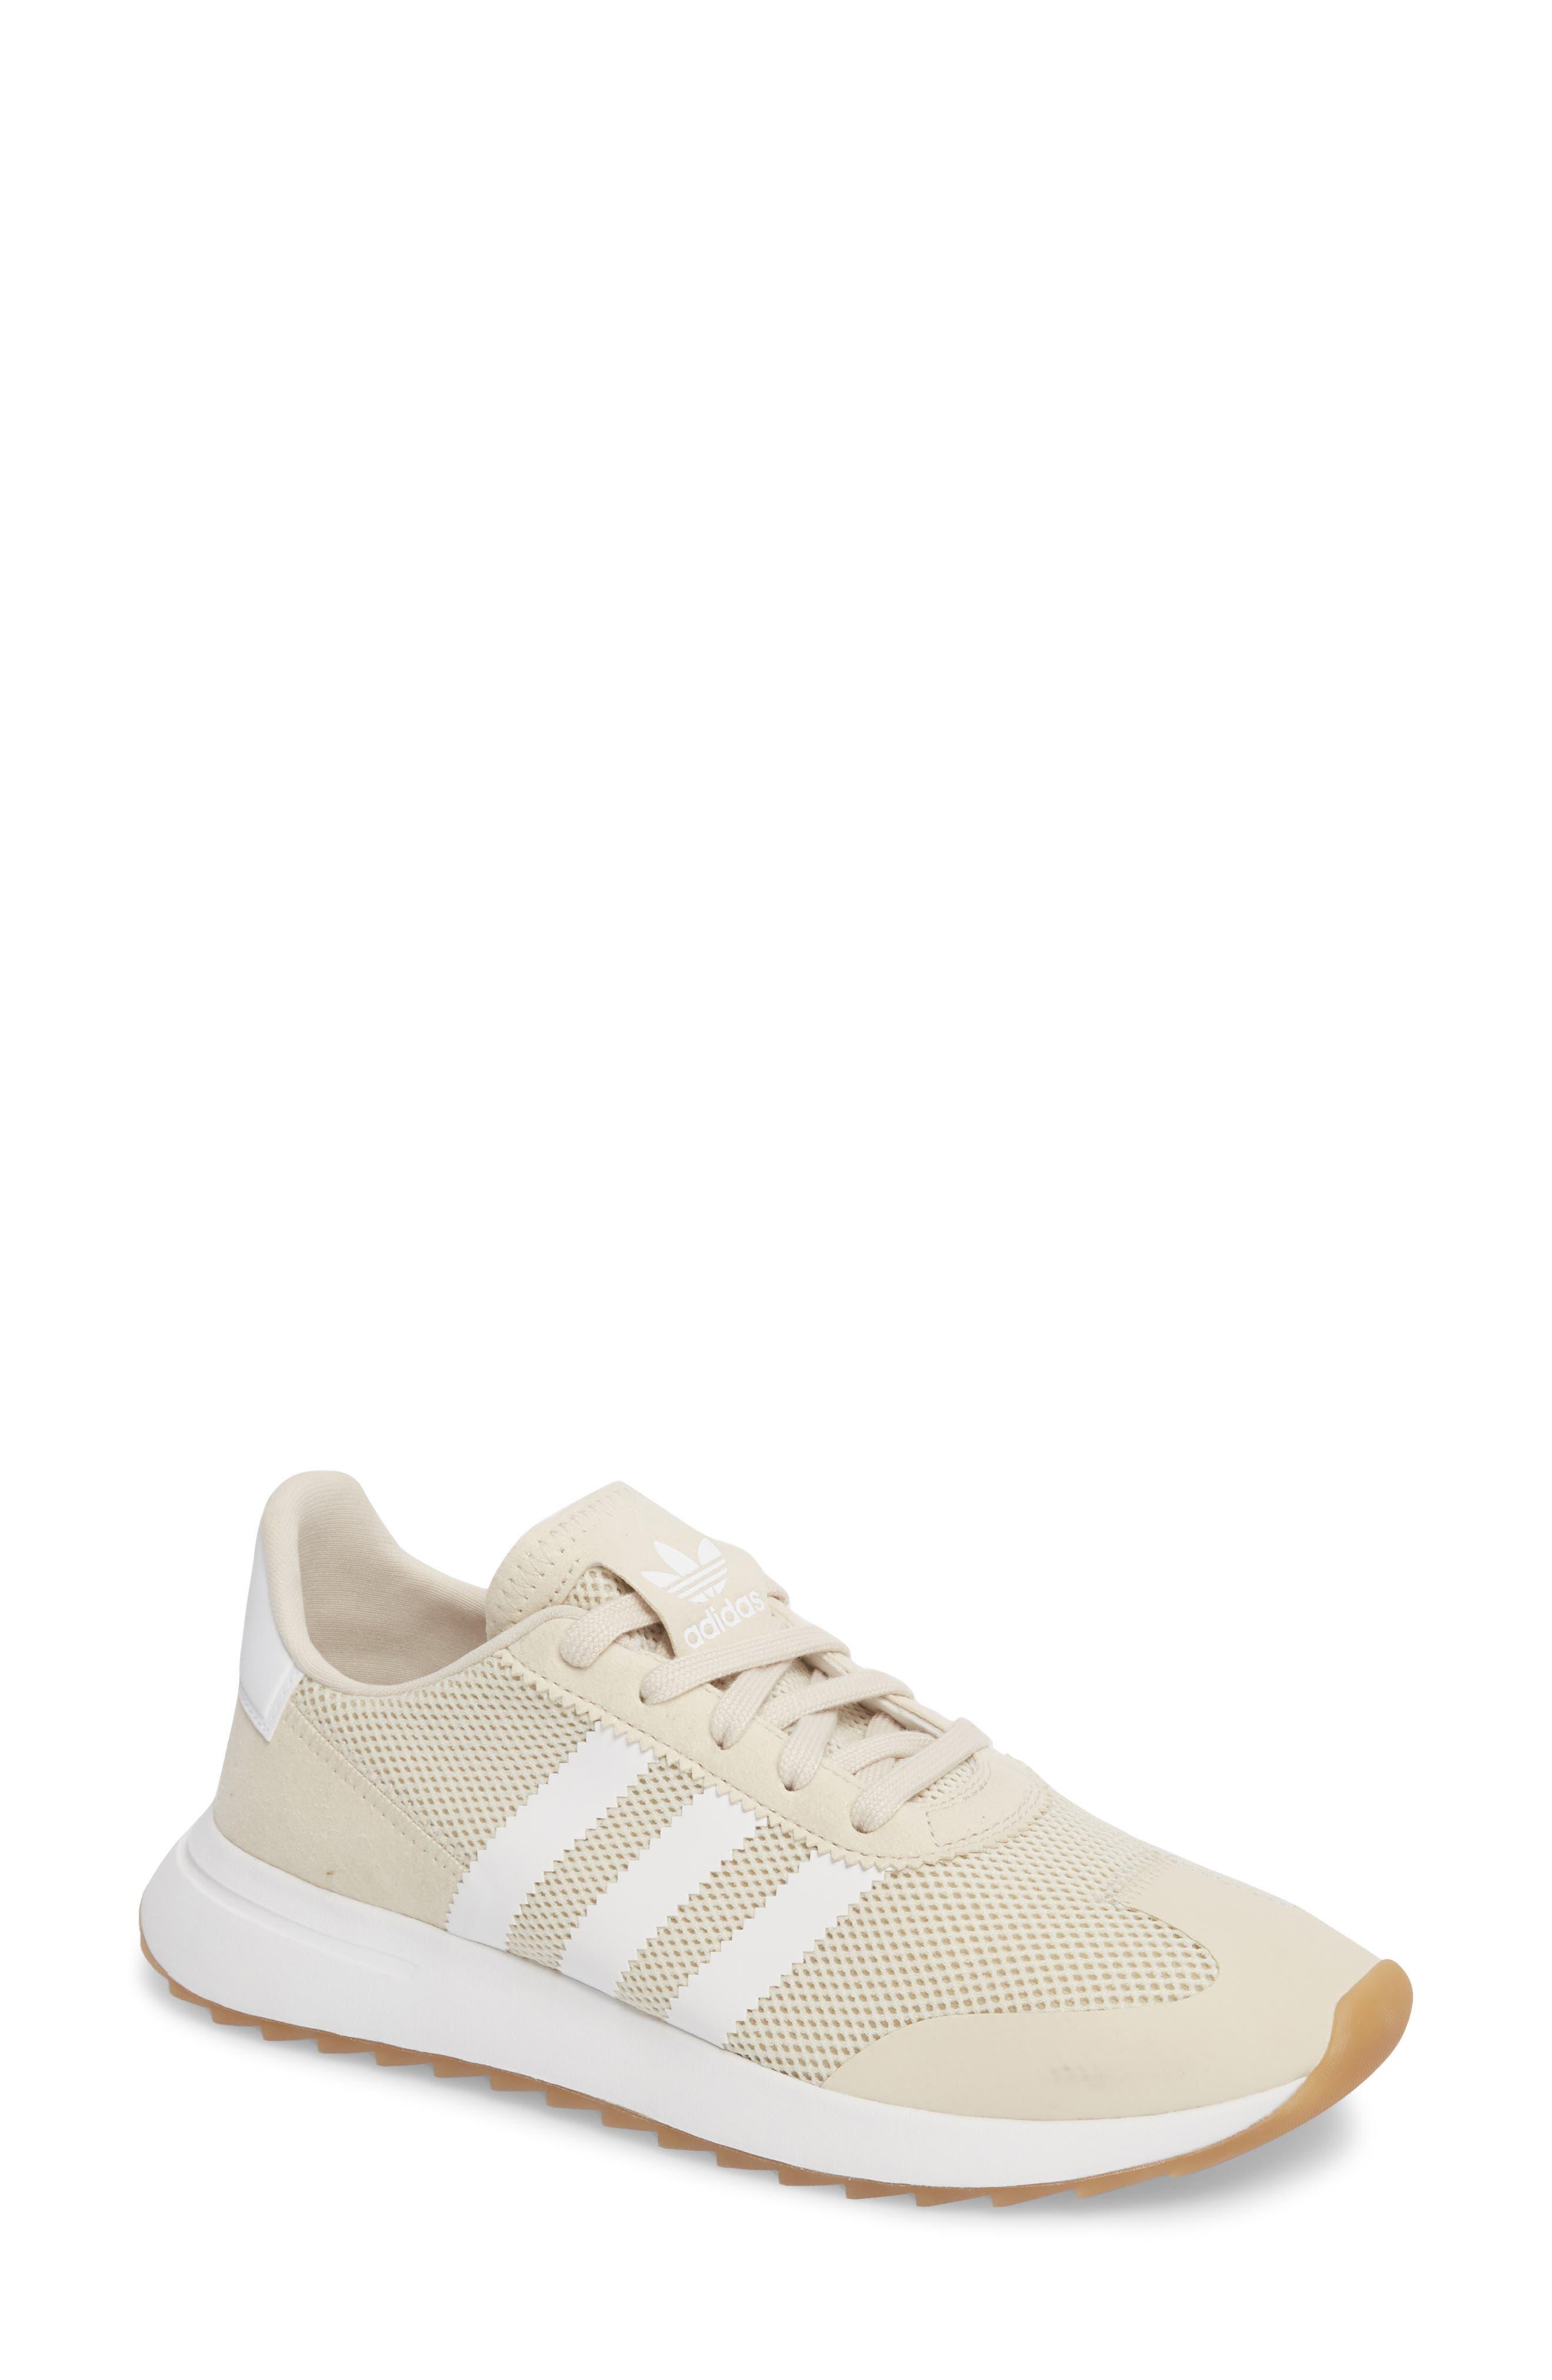 adidas beige sneakers